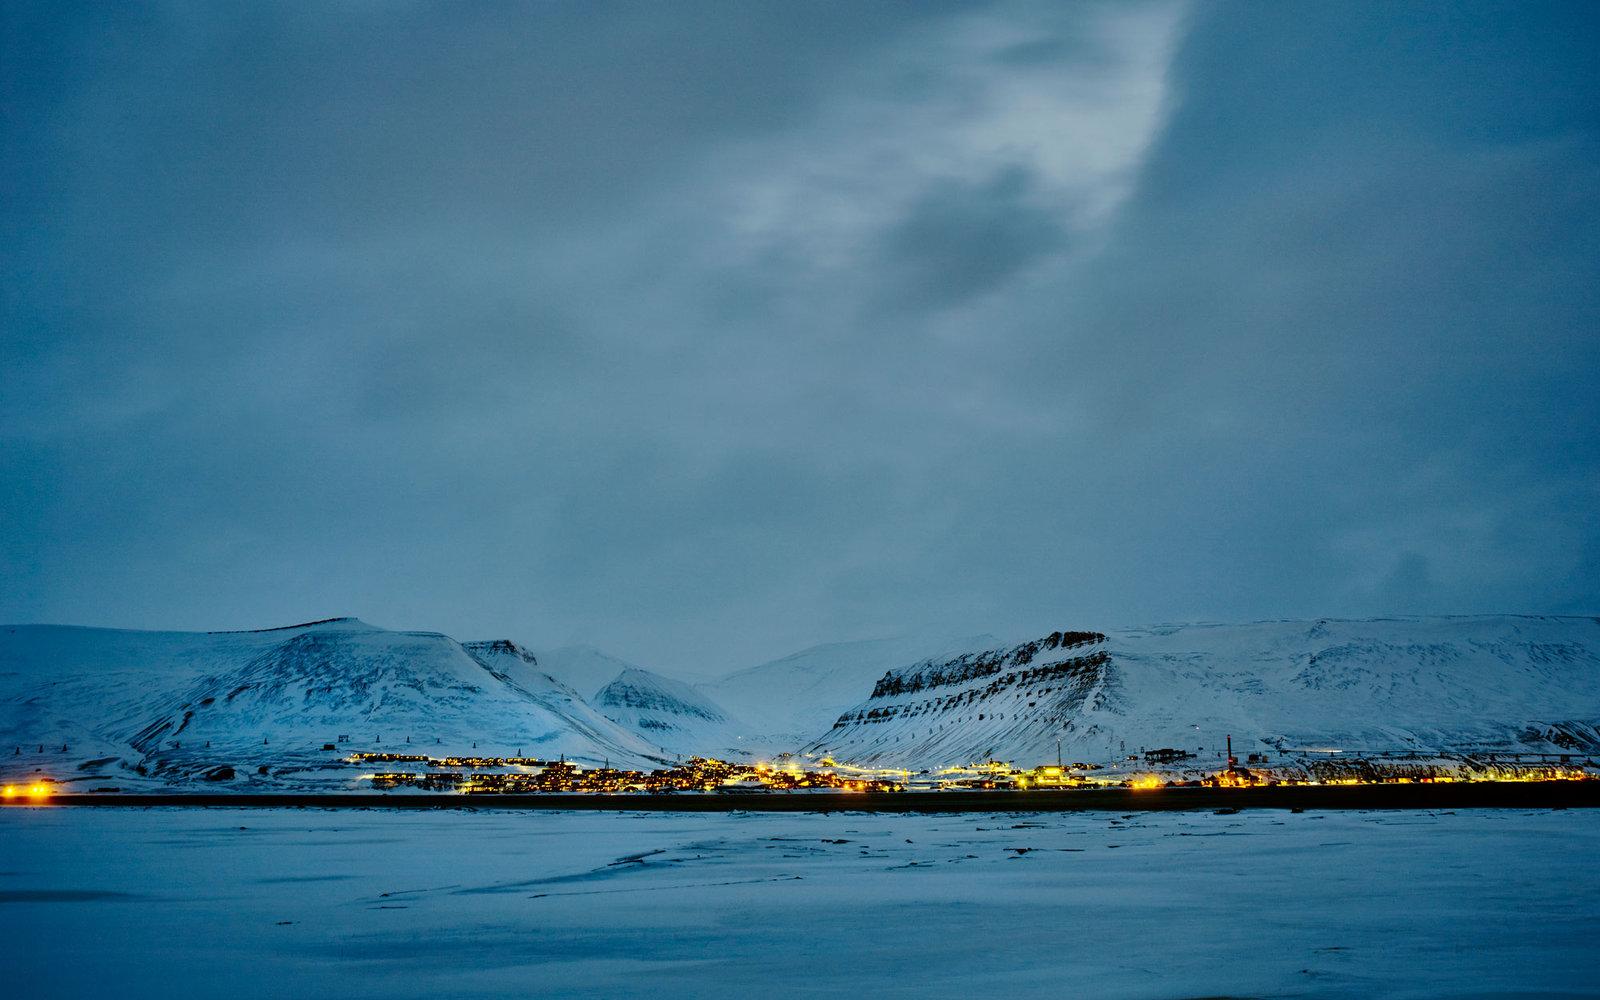 Longyearbyen-Svalbard-Norway-ARTICART0216